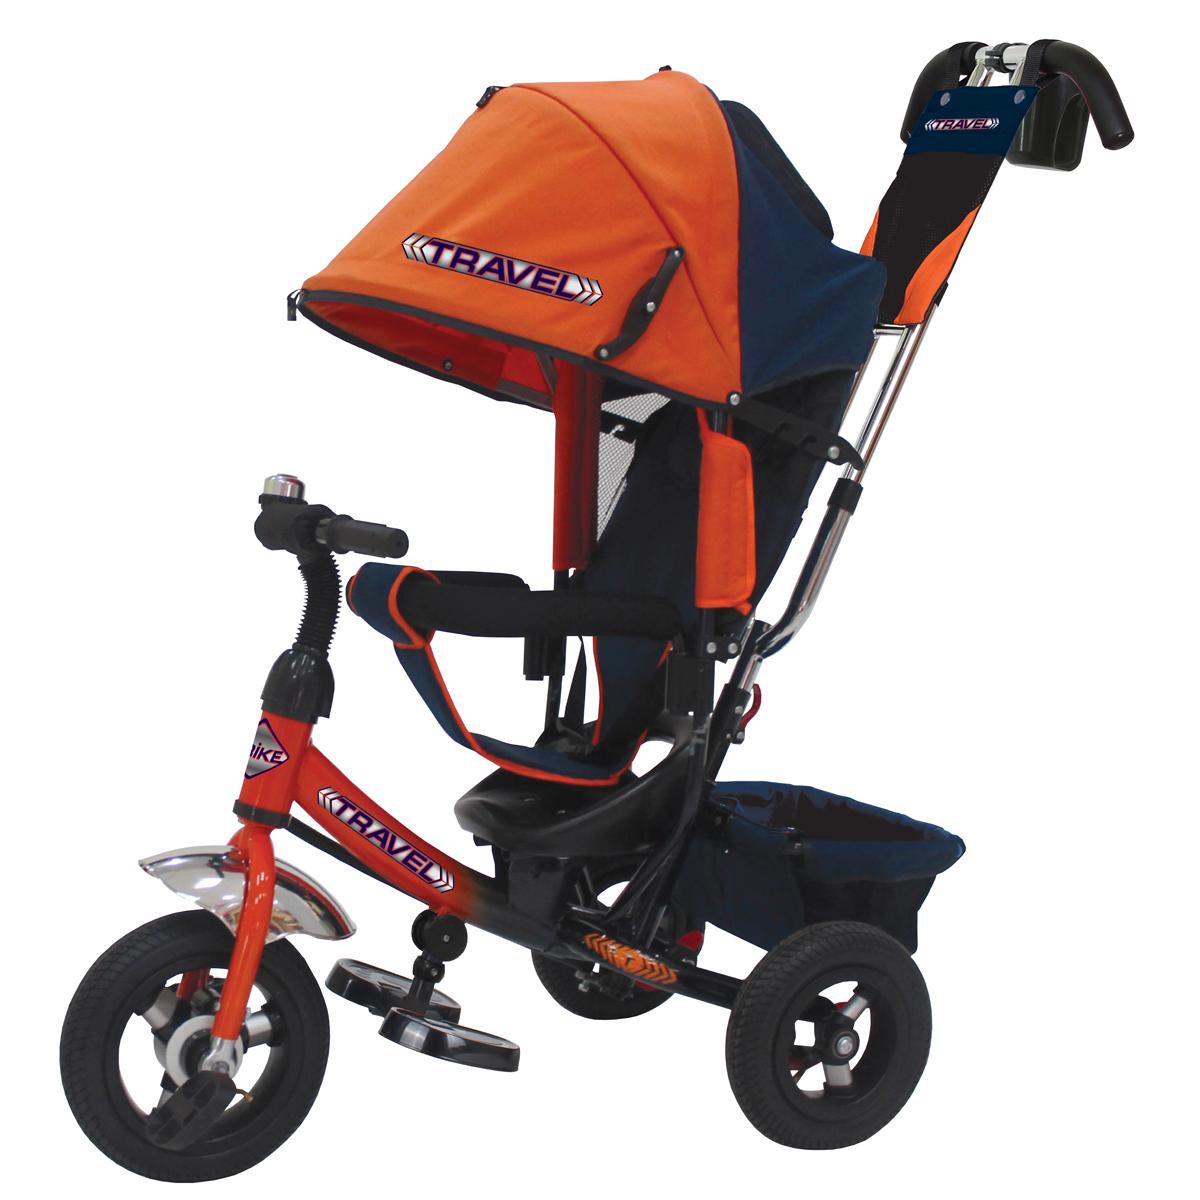 Travel Велосипед трехколесный цвет оранжевый TTA2O - Велосипеды-каталки